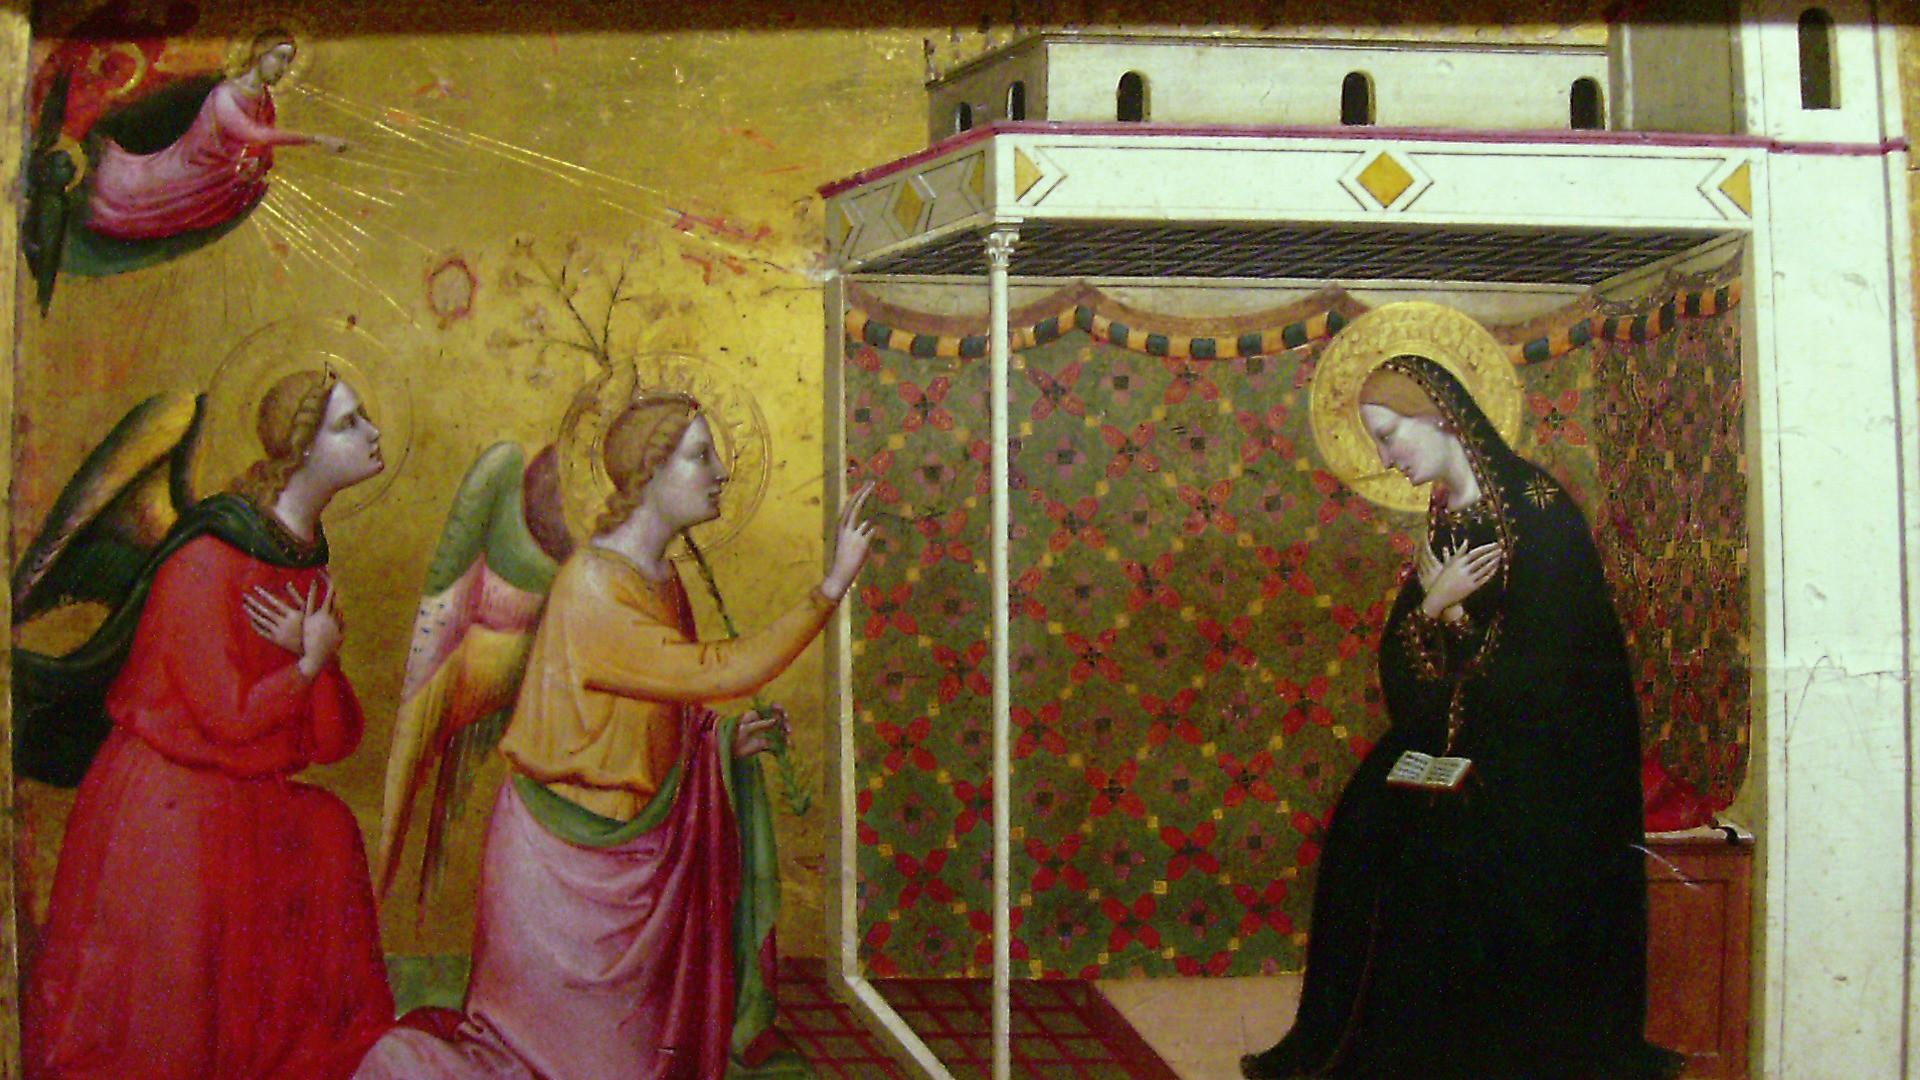 Rencontre catholique lyon